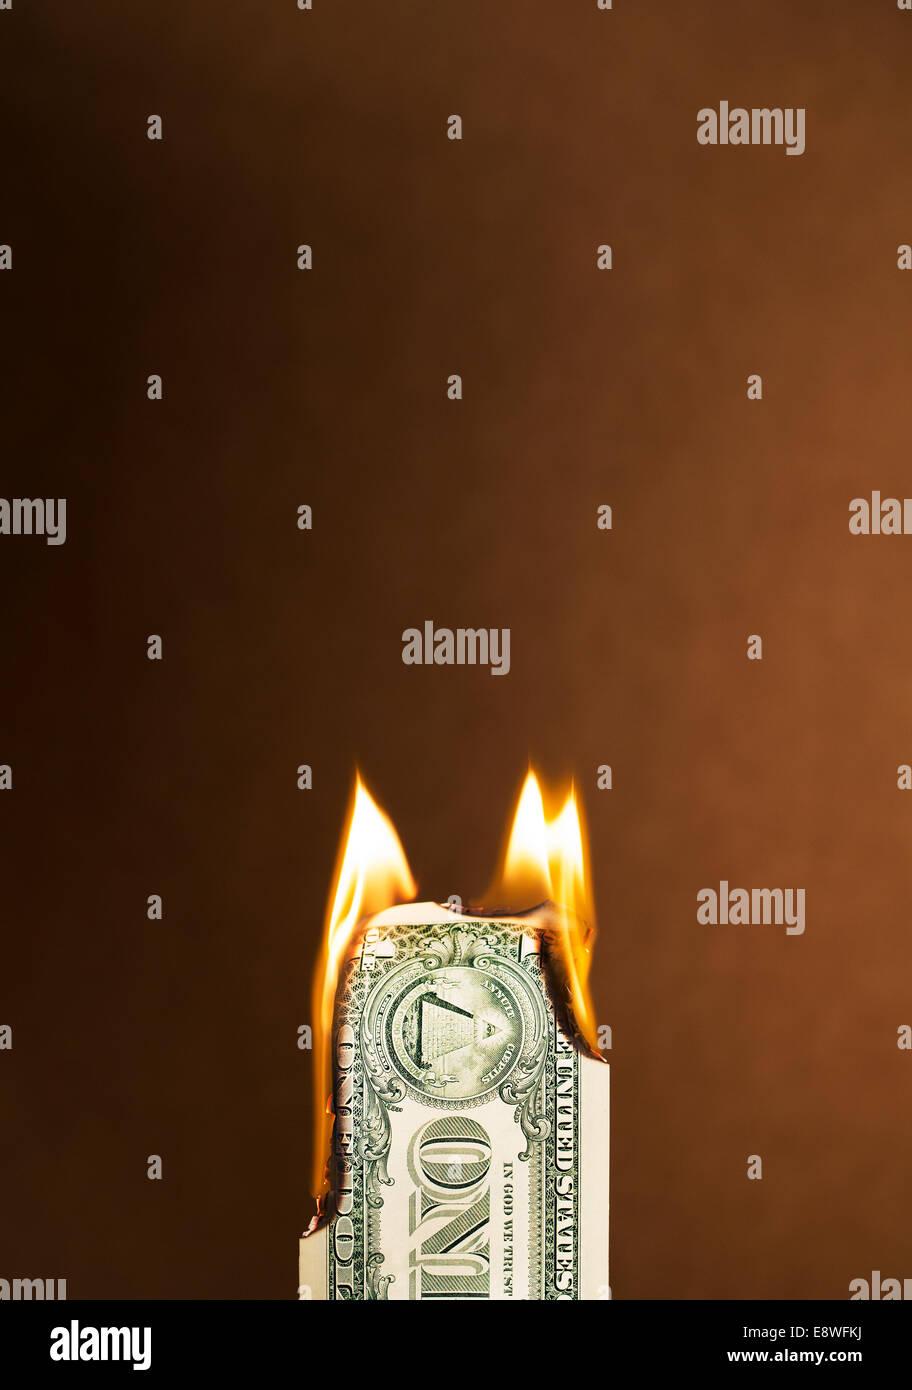 Folded dollar bill burning - Stock Image